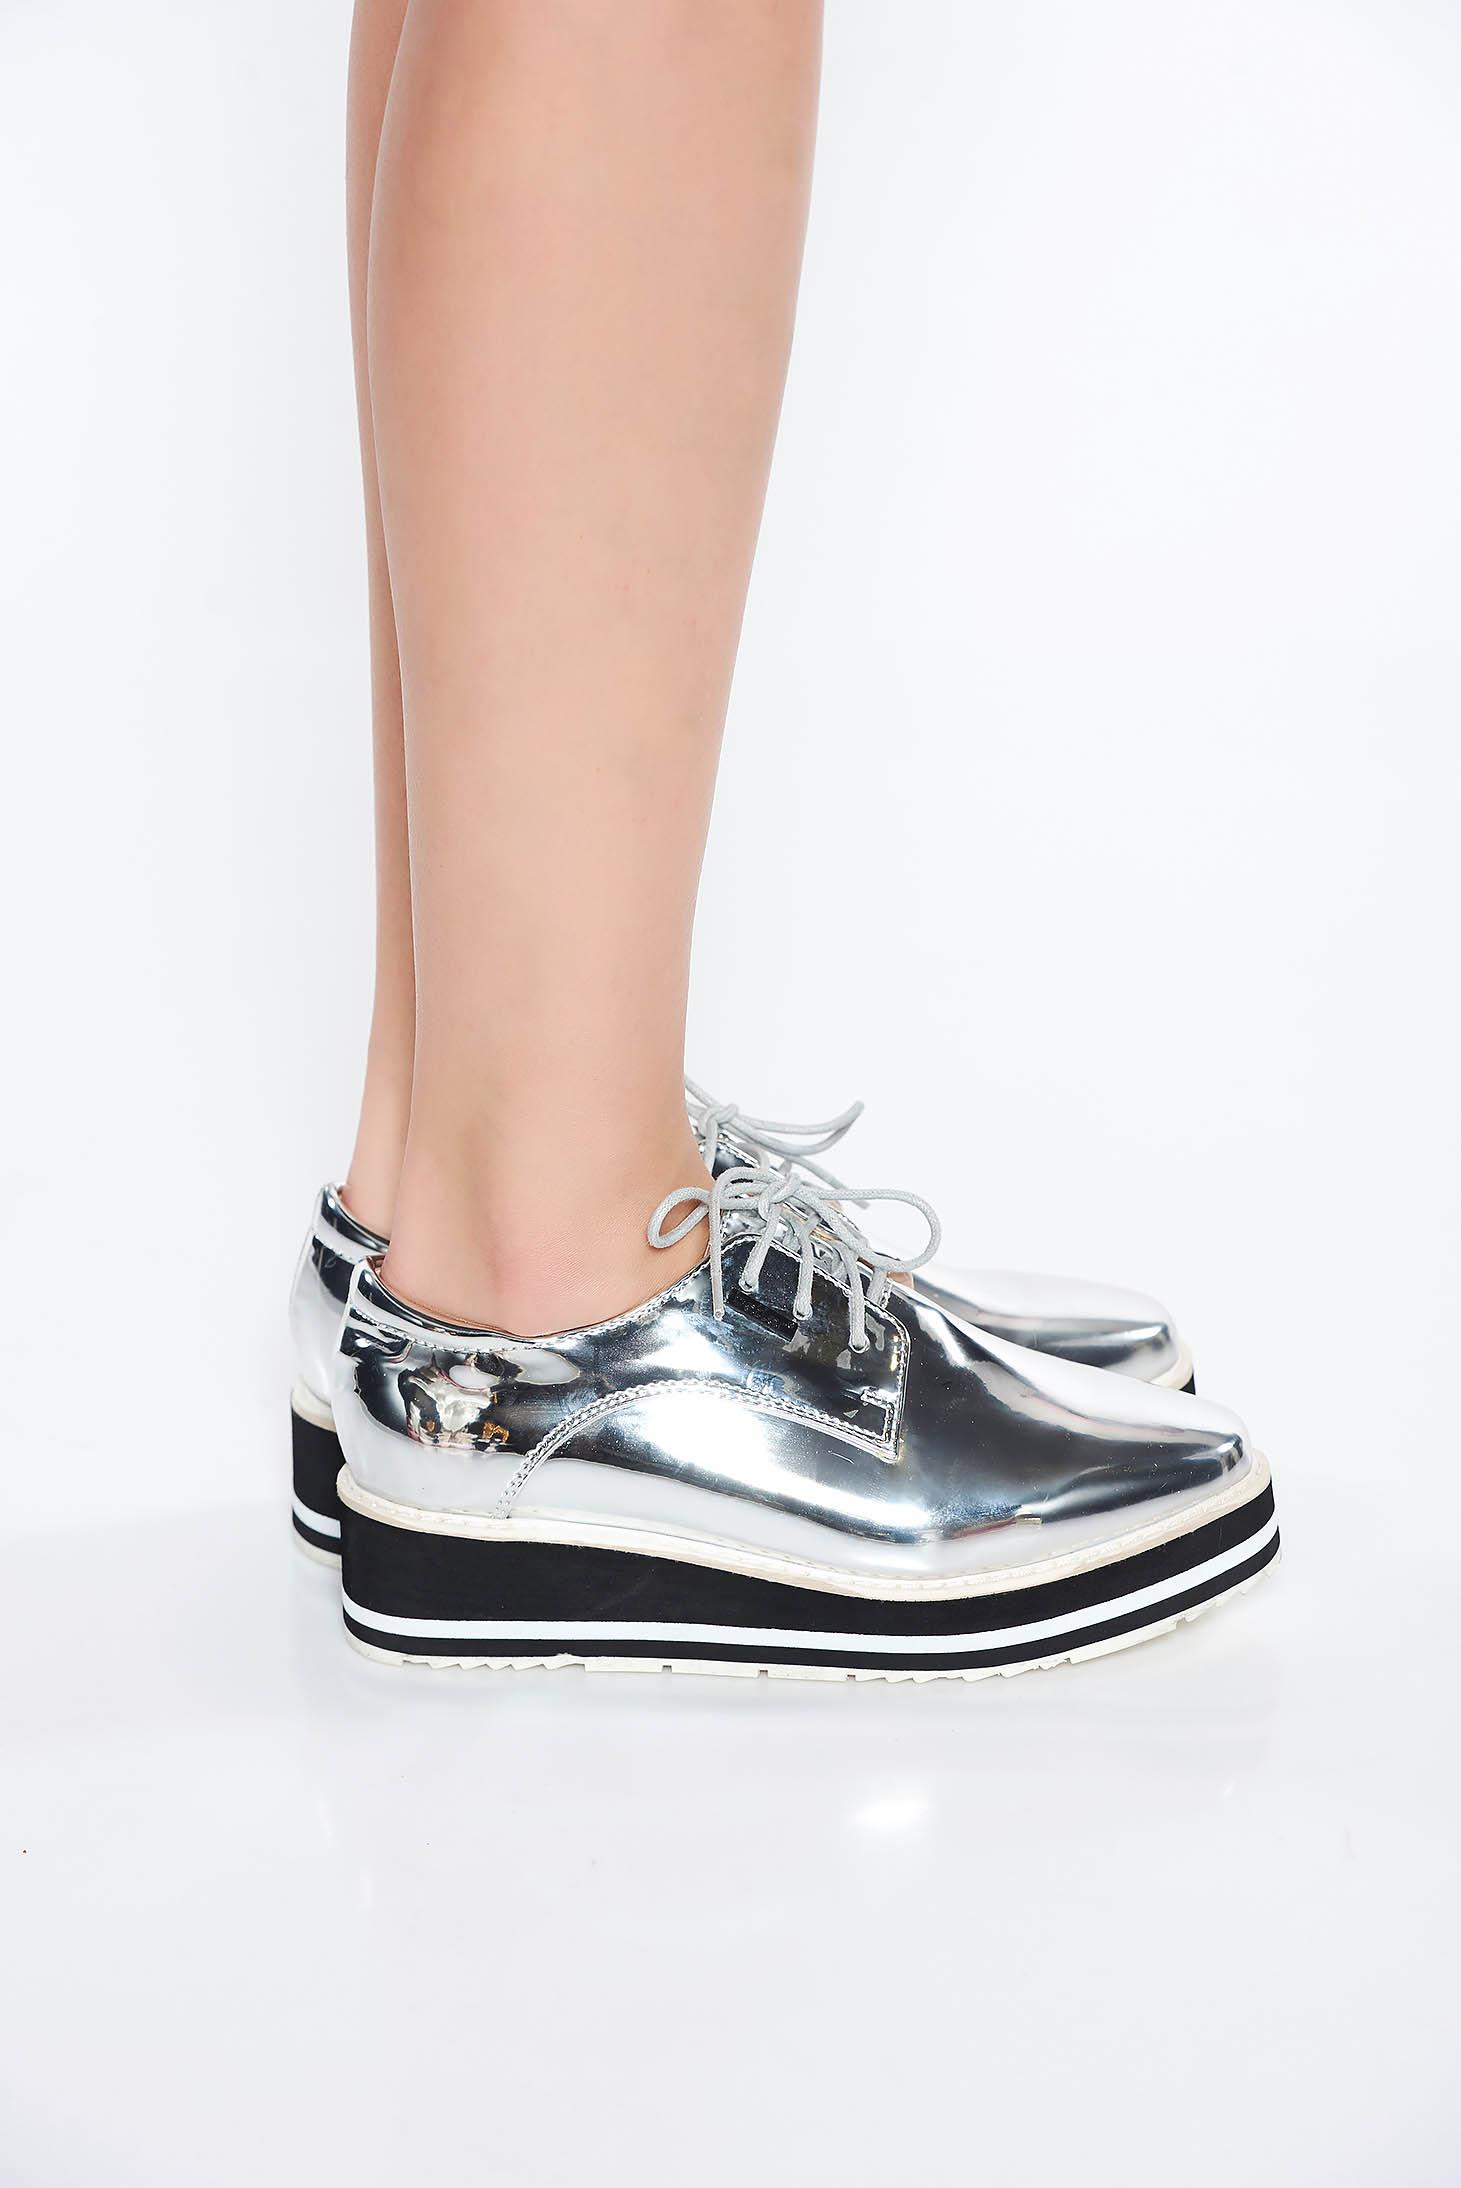 Pantofi argintiu casual cu talpa joasa din piele ecologica lacuita